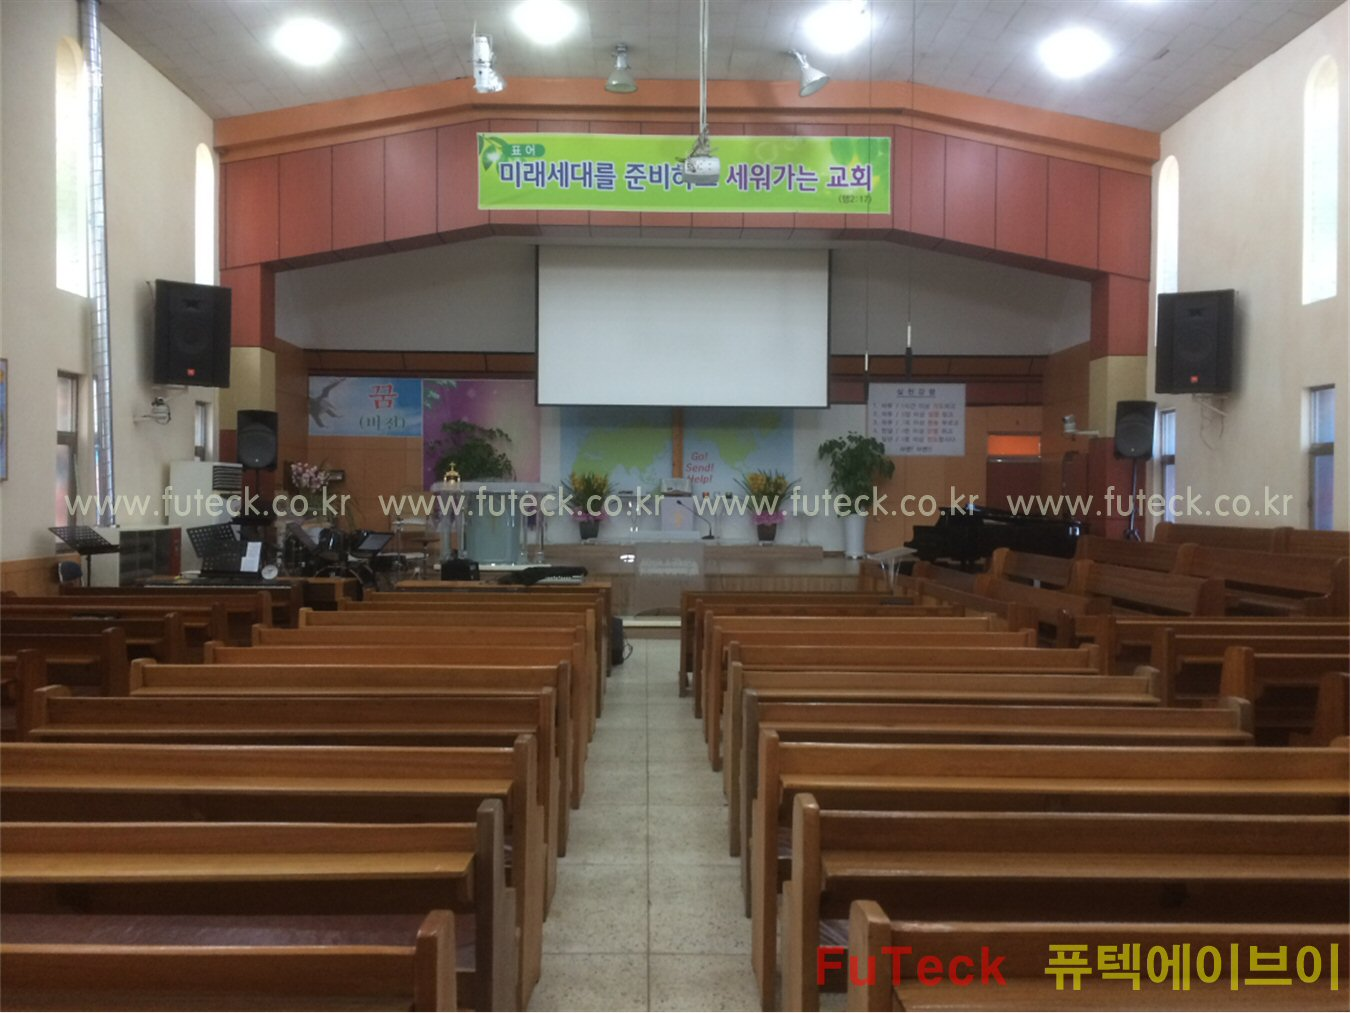 [[16008-0126] 전주 동일교회 - 점검 01.jpg